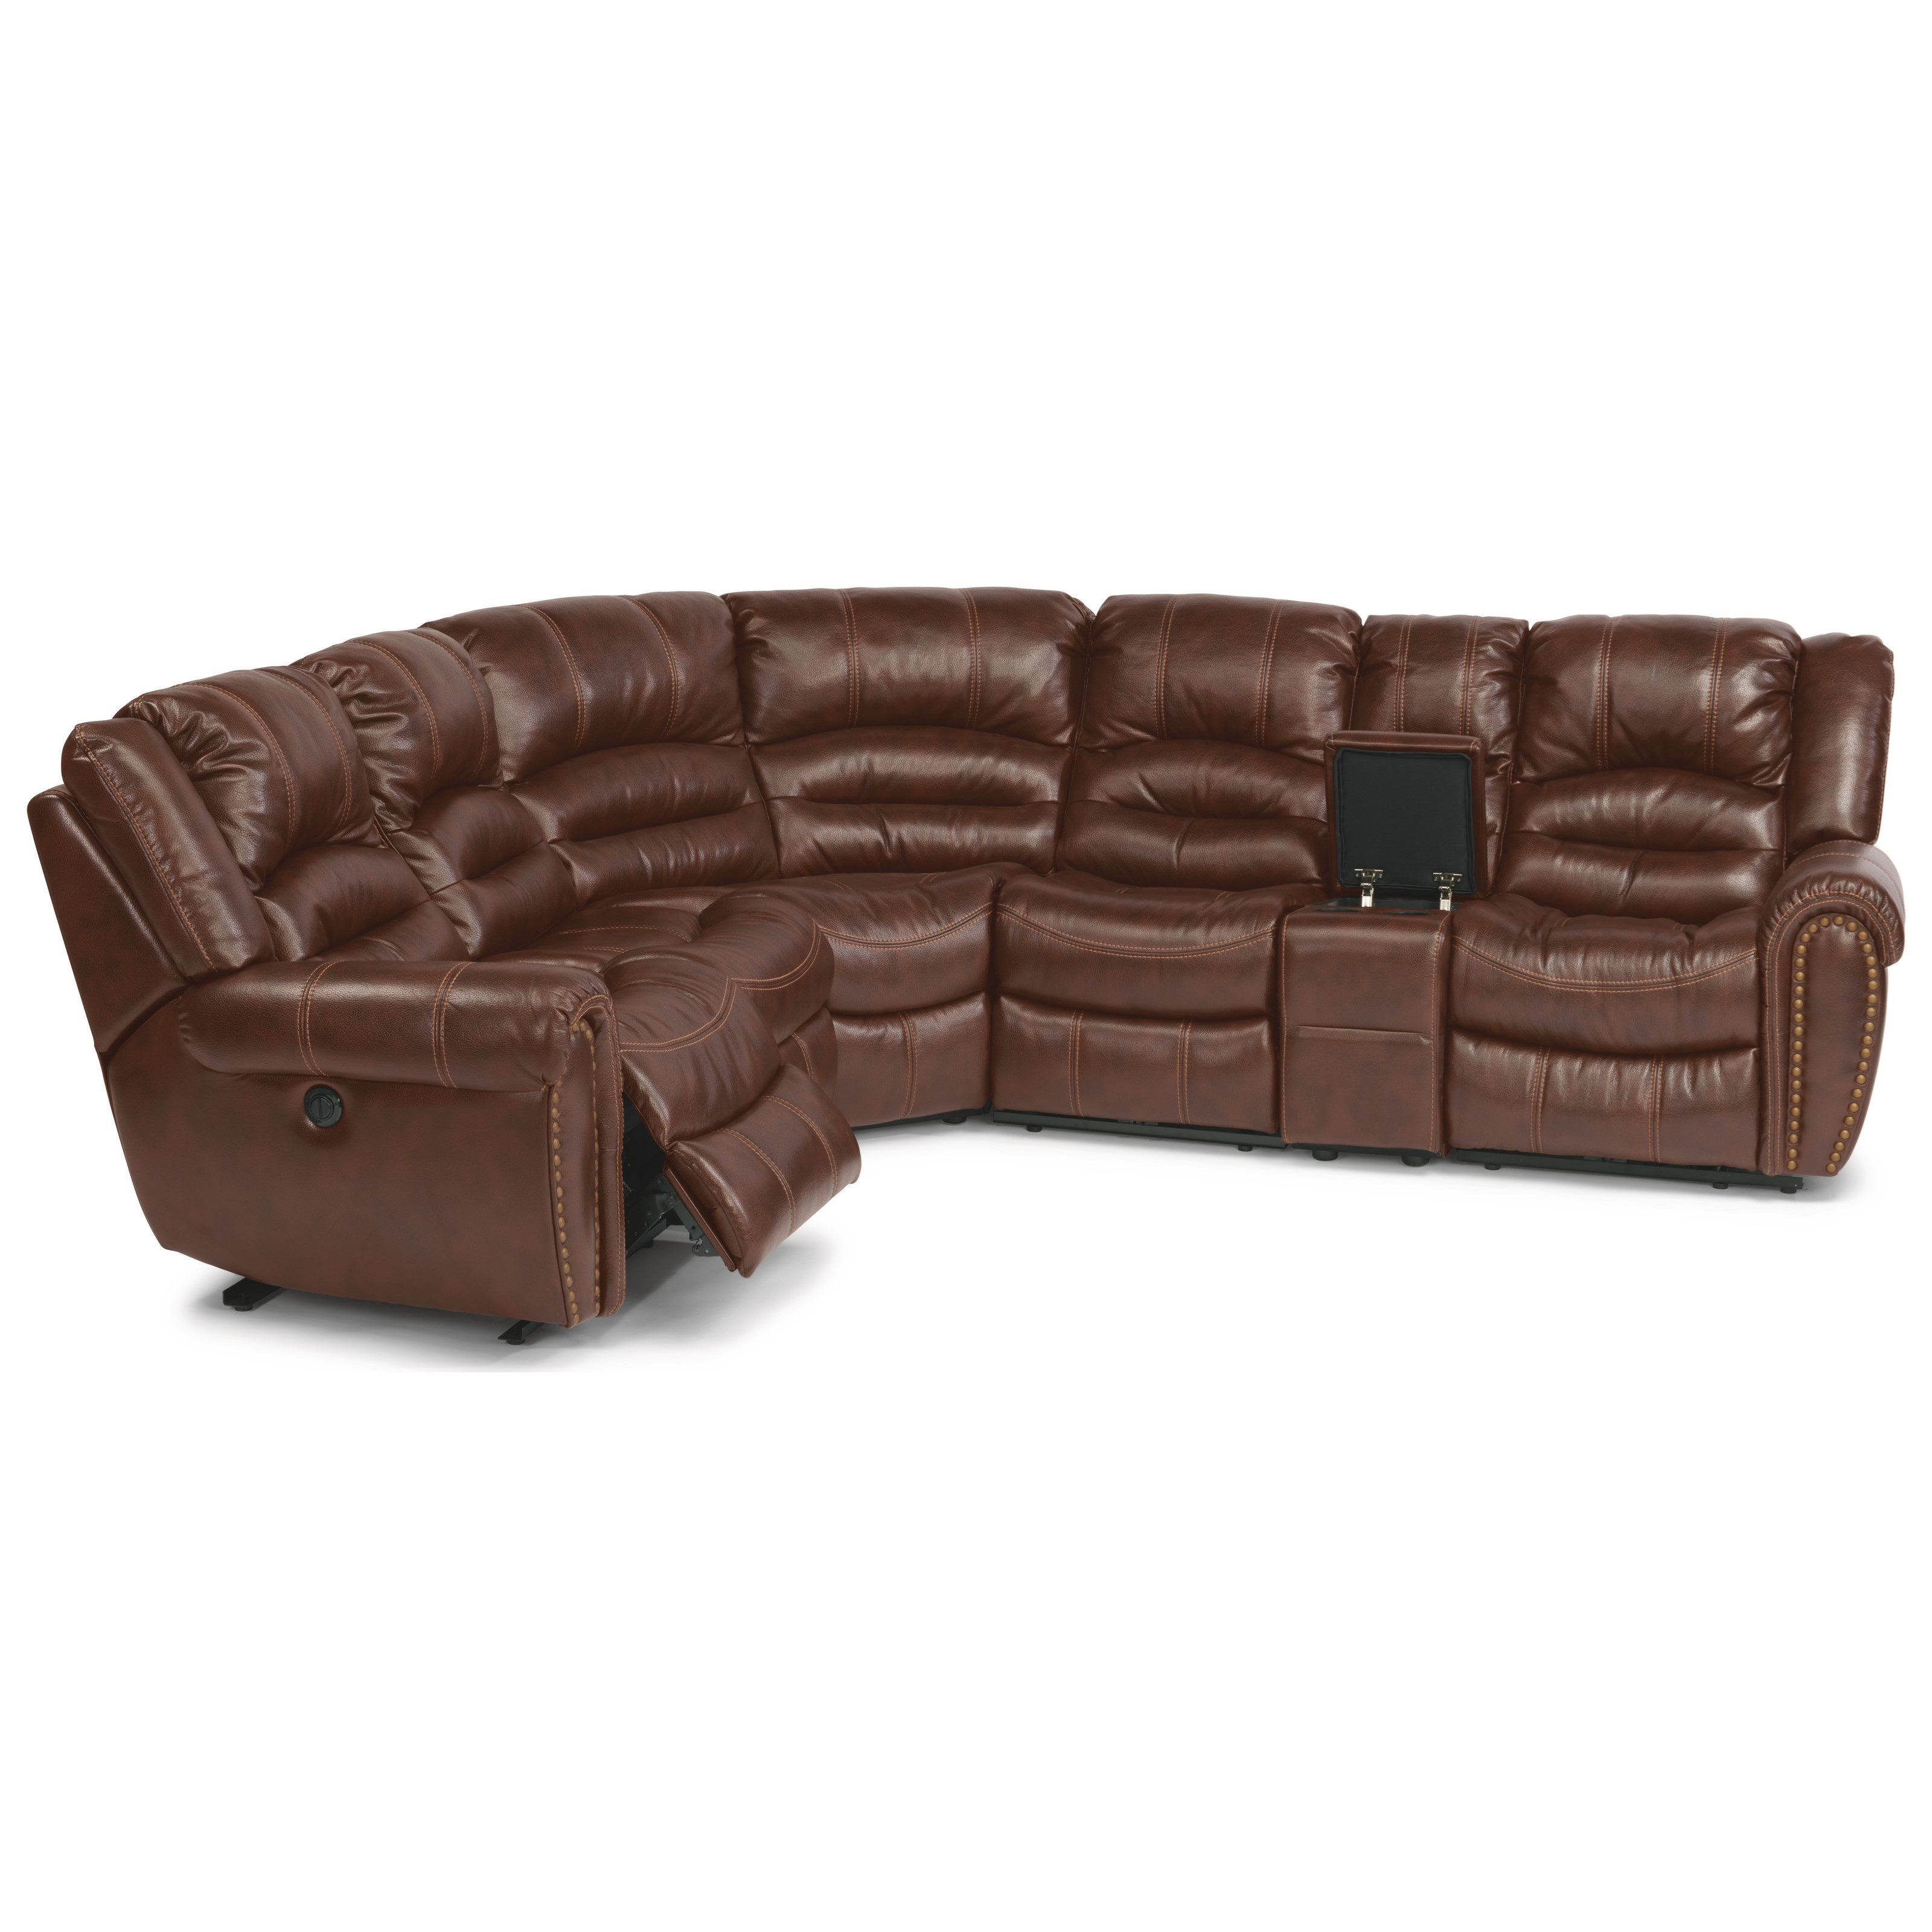 Superb Flexsteel Crosstown Six Piece Power Reclining Sectional Sofa